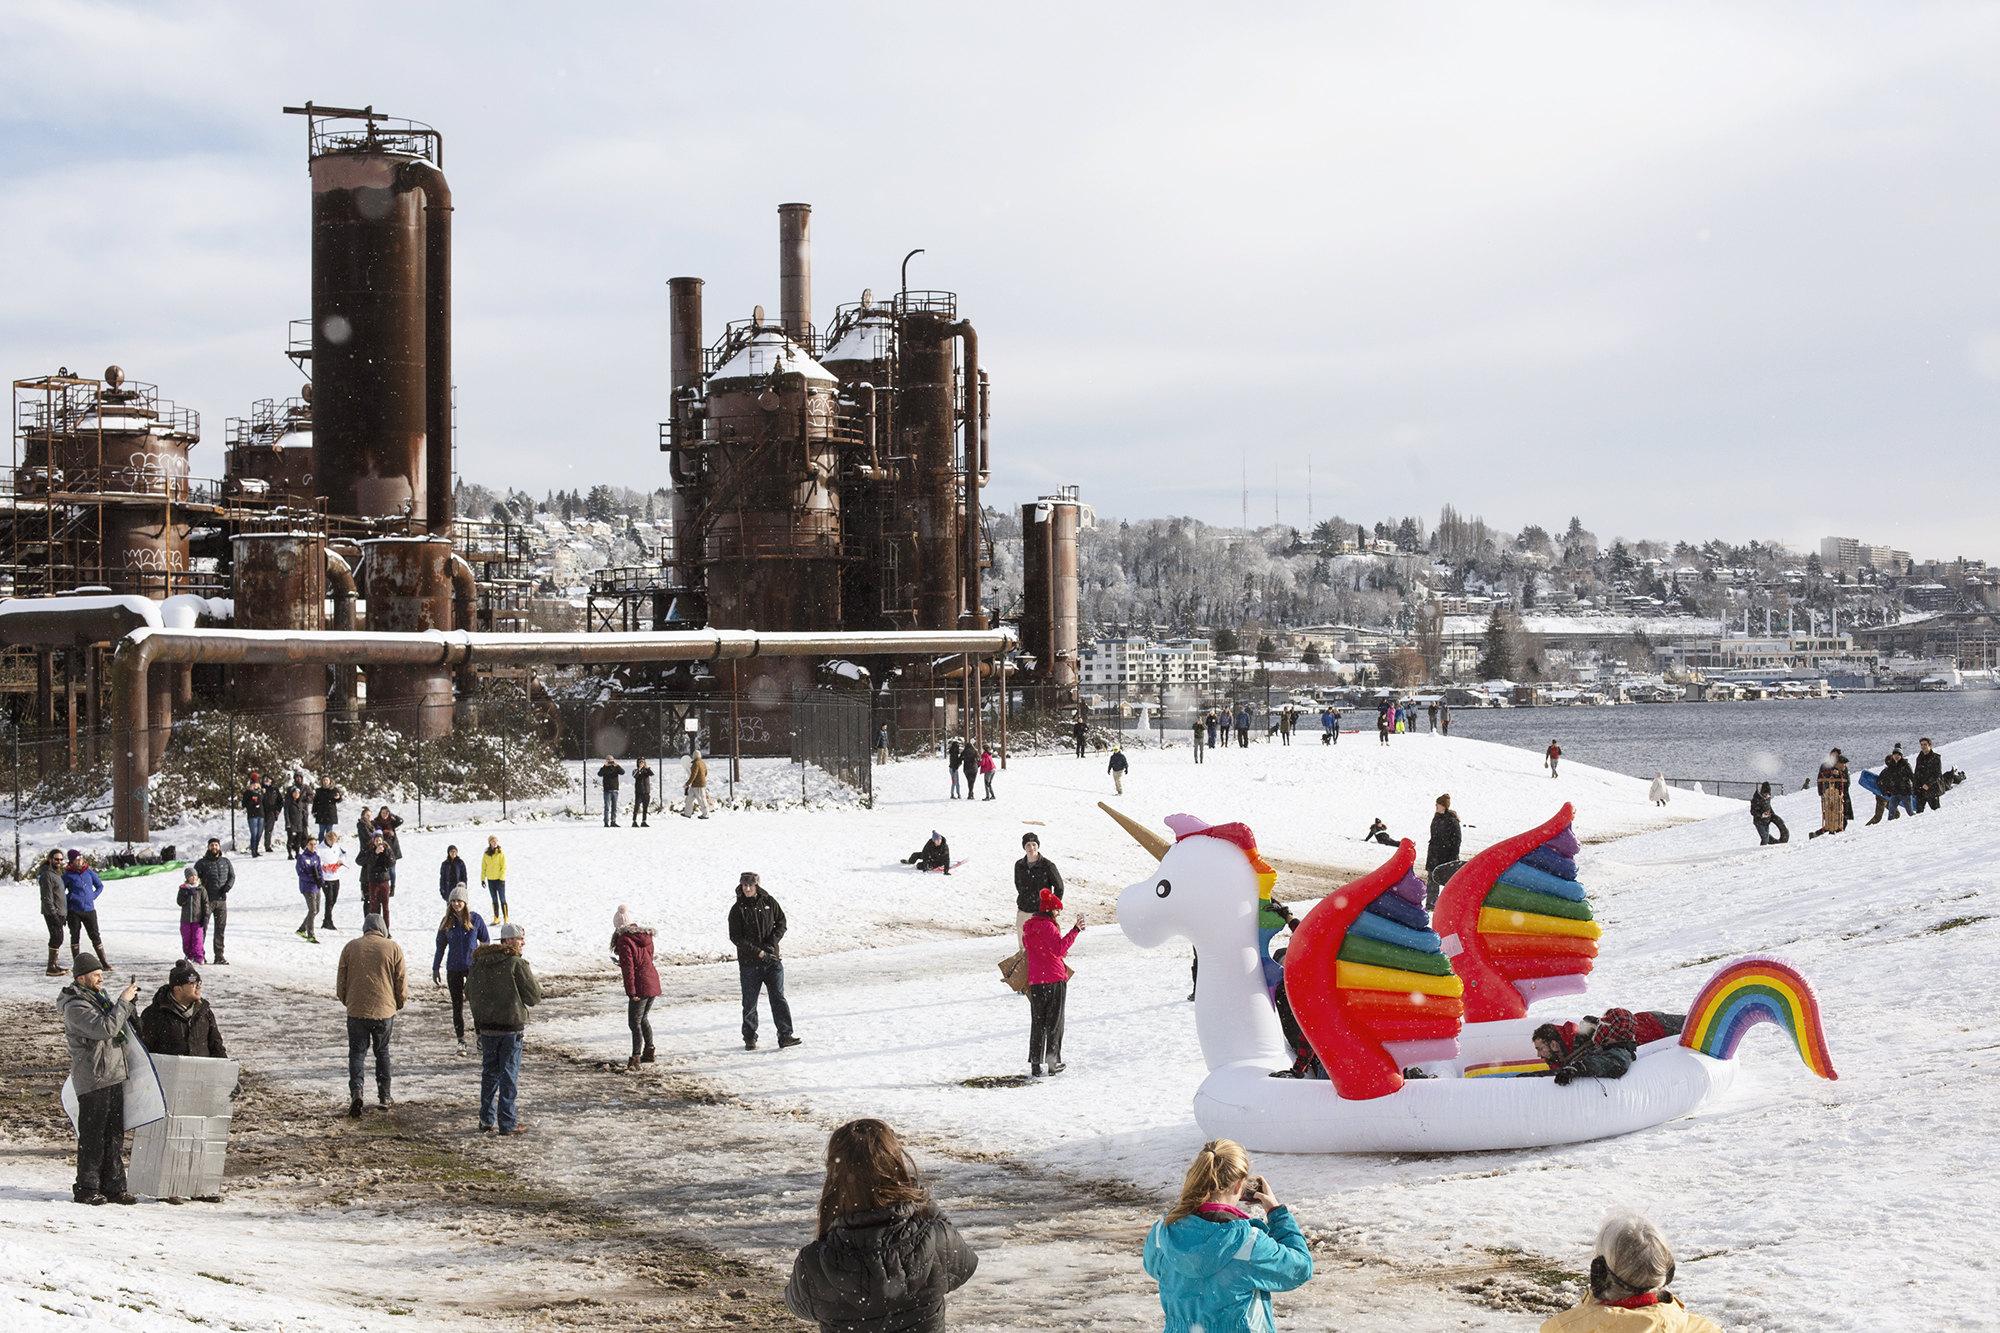 9 февраля наСиэтл обрушился сильнейший за70 лет снегопад. Это непомешало местным жителям выйти напрогулку вПарк Гас Уоркс (Gas Works Park). Раньше наэтом месте располагалась фабрика газовой компании Seattle Gas Light Company. После ее закрытия индустриальные постройки было решено оставить, облагородив иозеленив территорию завода.